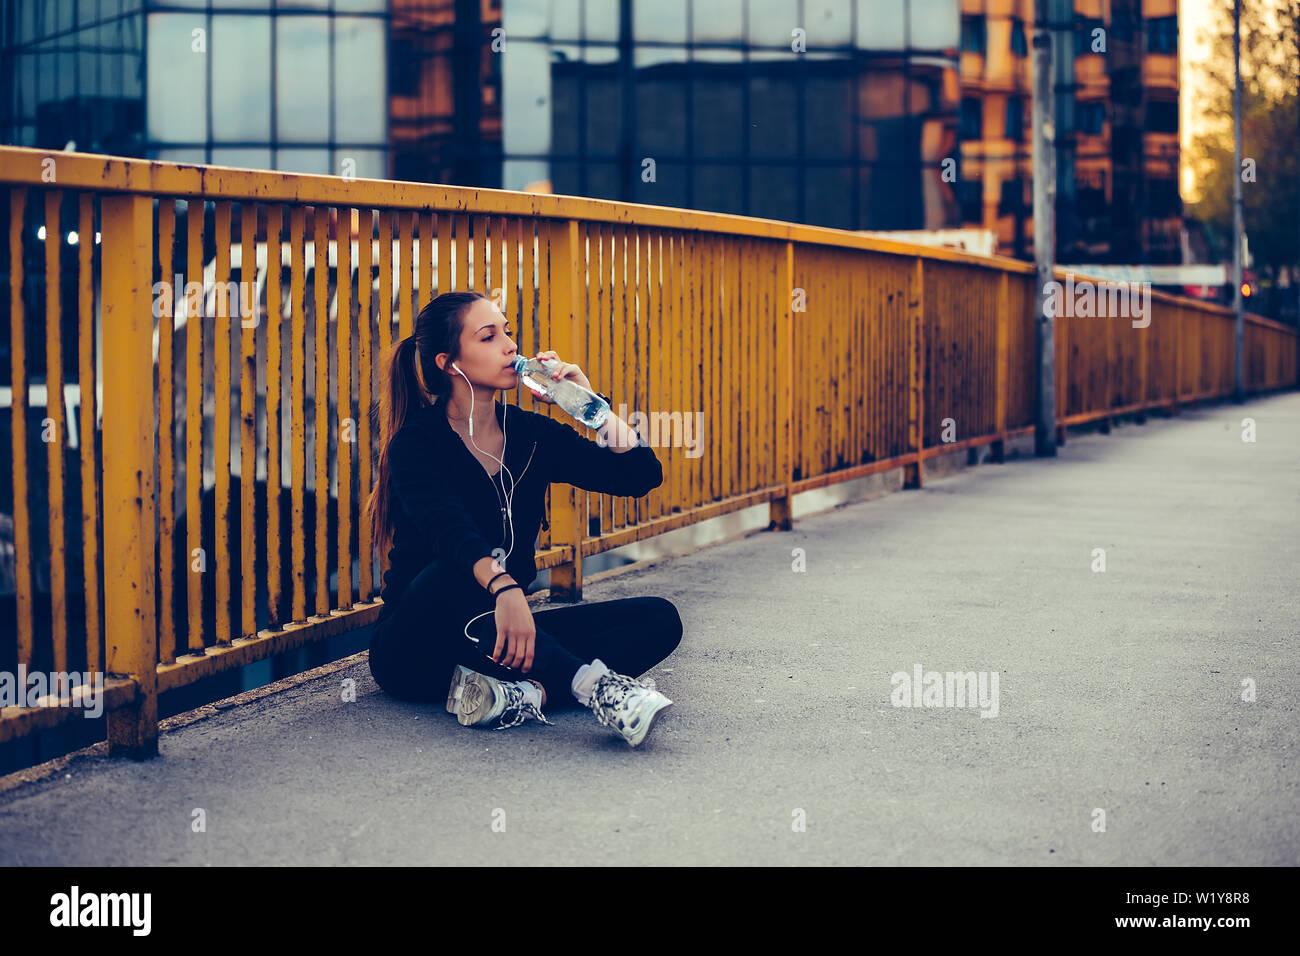 Coureuse assis sur le pont et l'eau potable à partir d'une bouteille. Femme de remise en forme en faisant une pause après l'exécution de l'entraînement. Banque D'Images